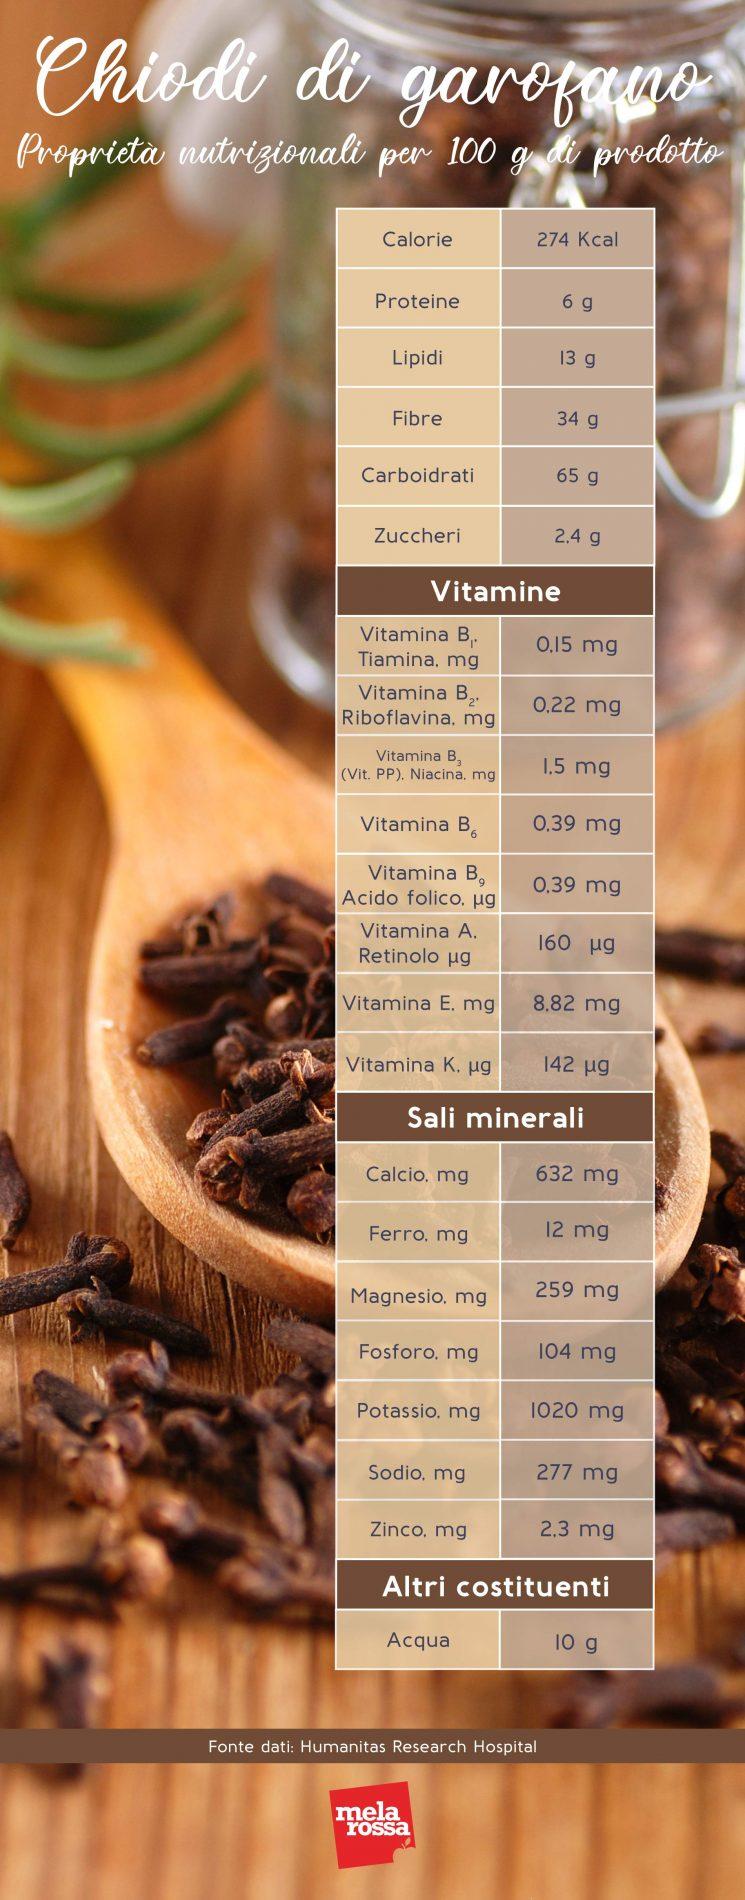 chiodi di garofano valori nutrizionali